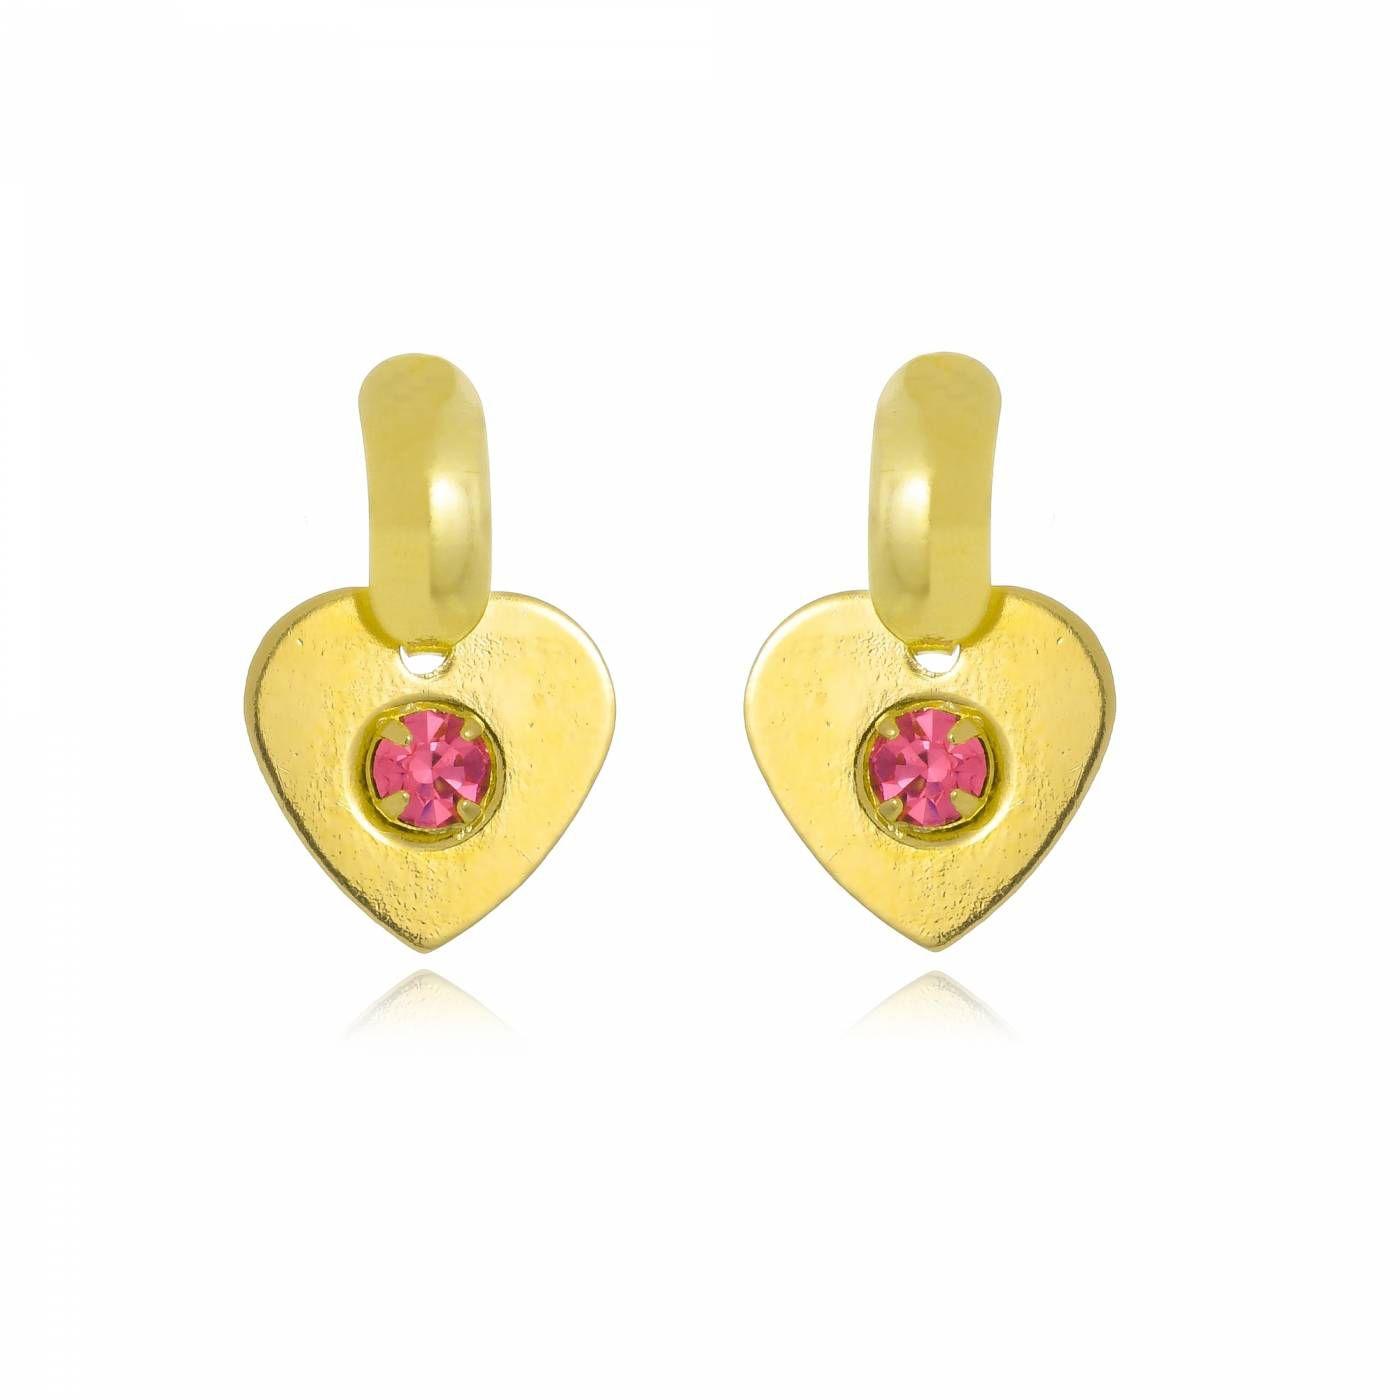 Brinco Coração com Cristal Rosa Folheado a Ouro 18K